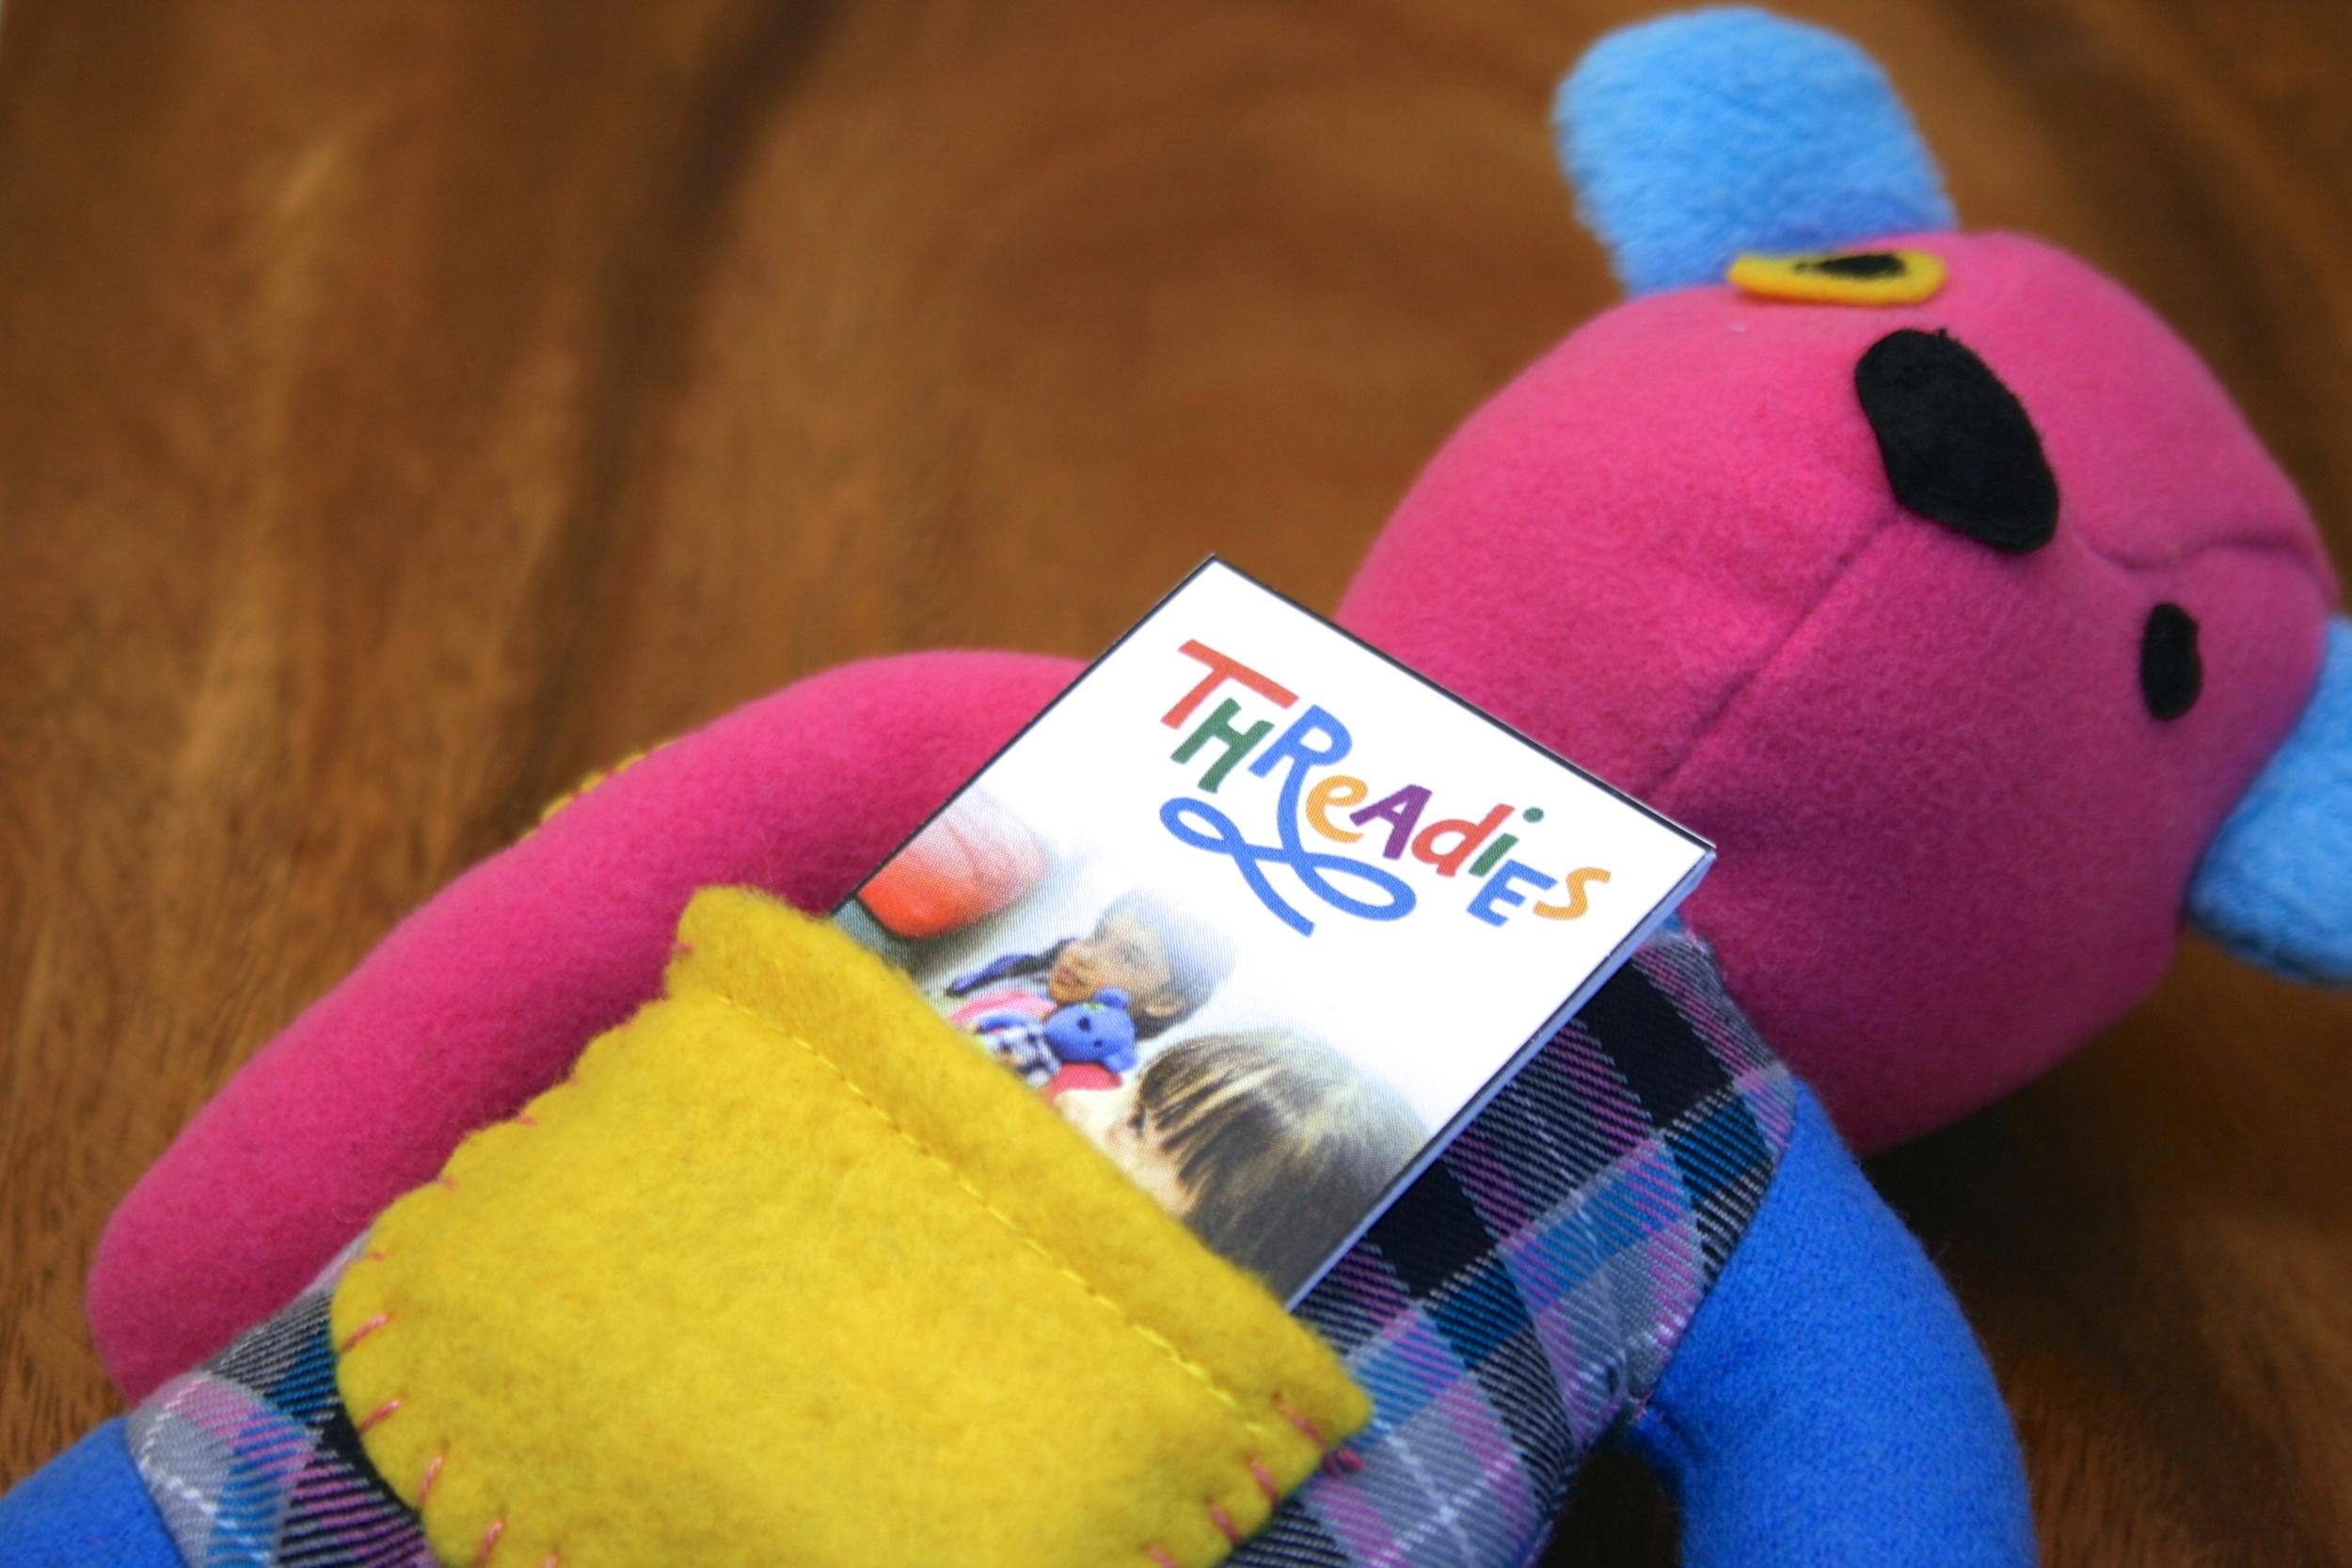 US-Poem-Pocket-Bear-3.JPG